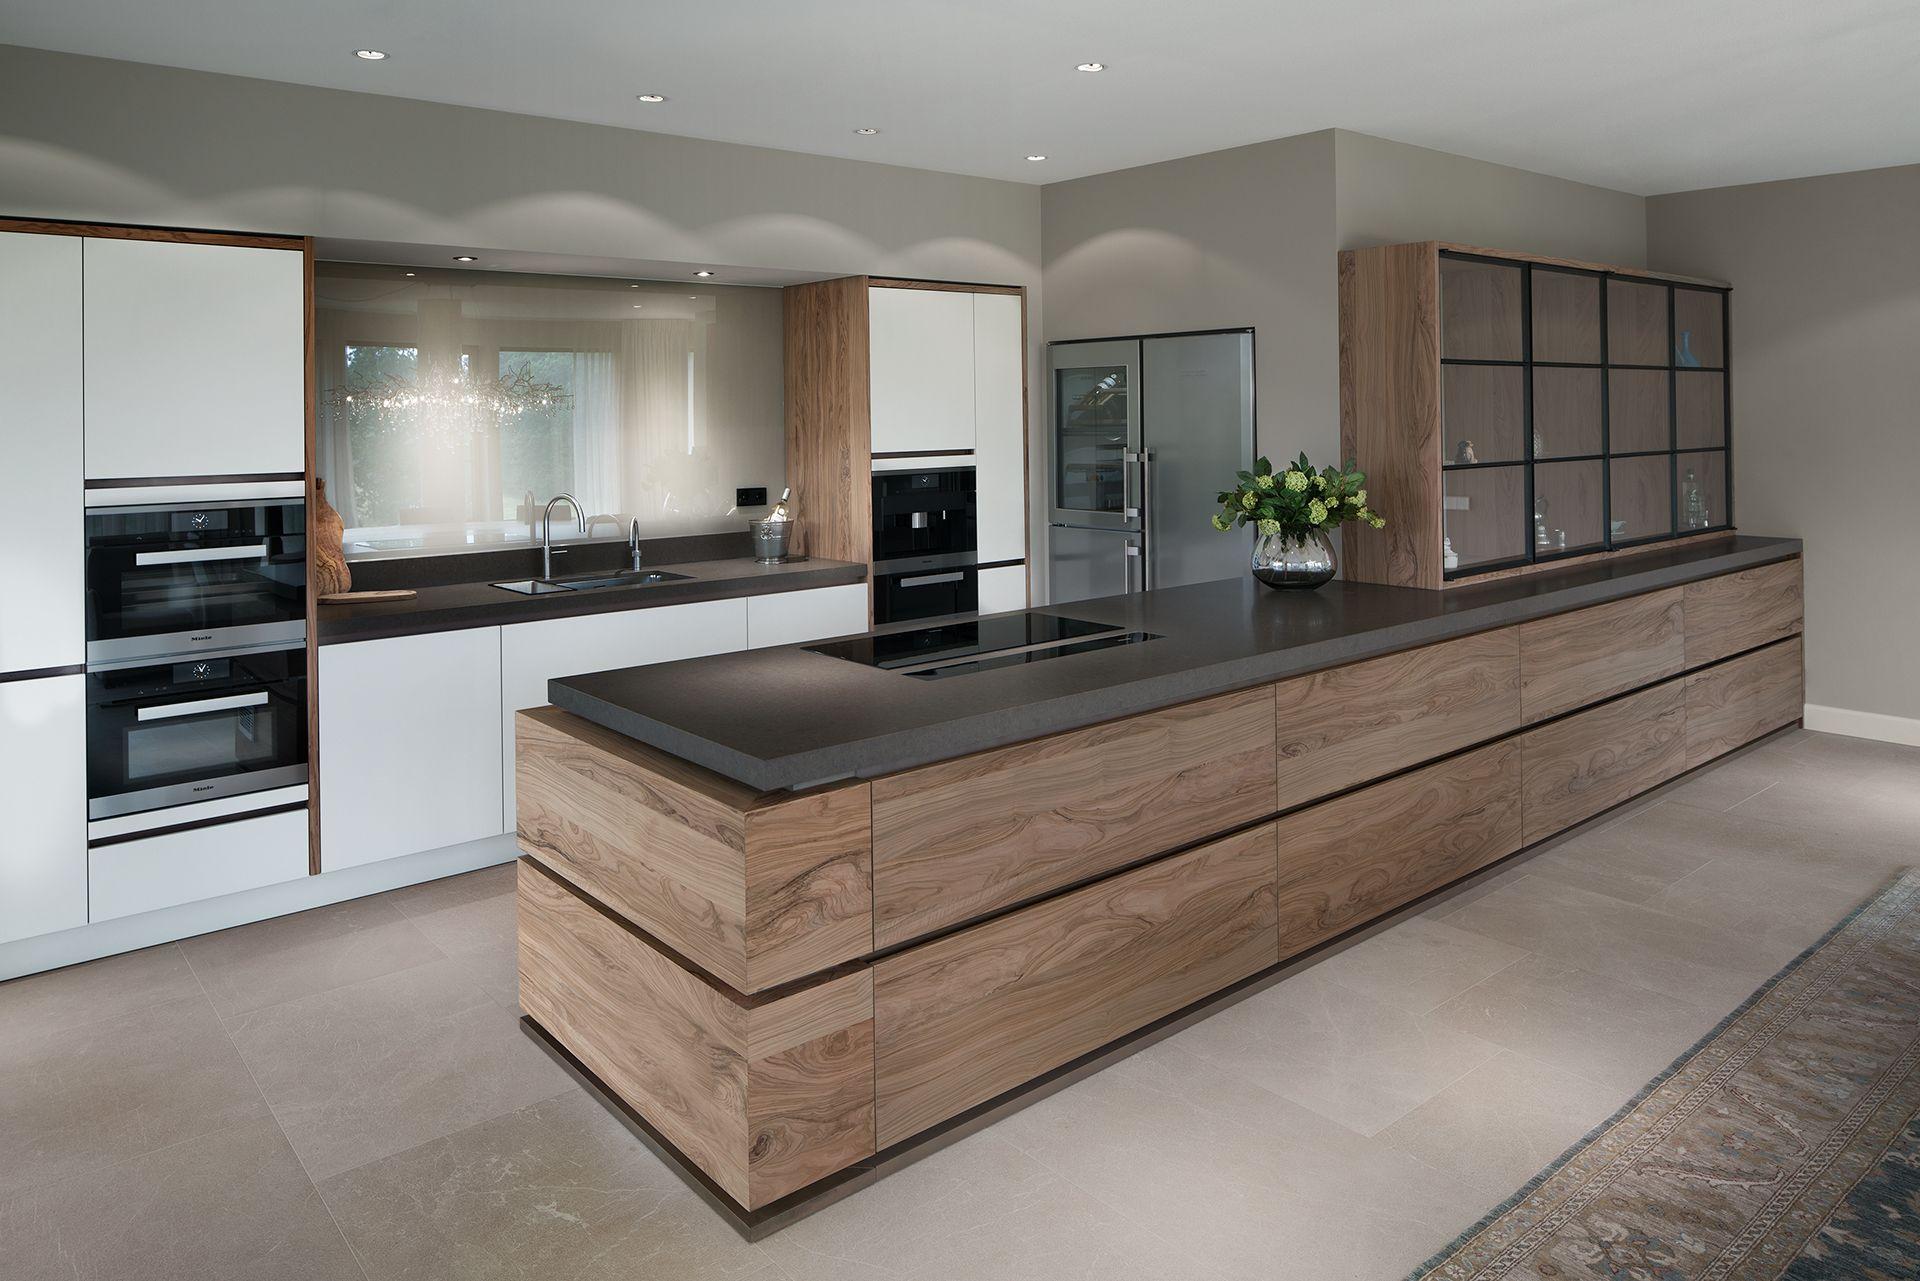 Een moderne keuken komt tot leven door de combinatie van strak witte fronten en levendig - Moderne keuken deco keuken ...